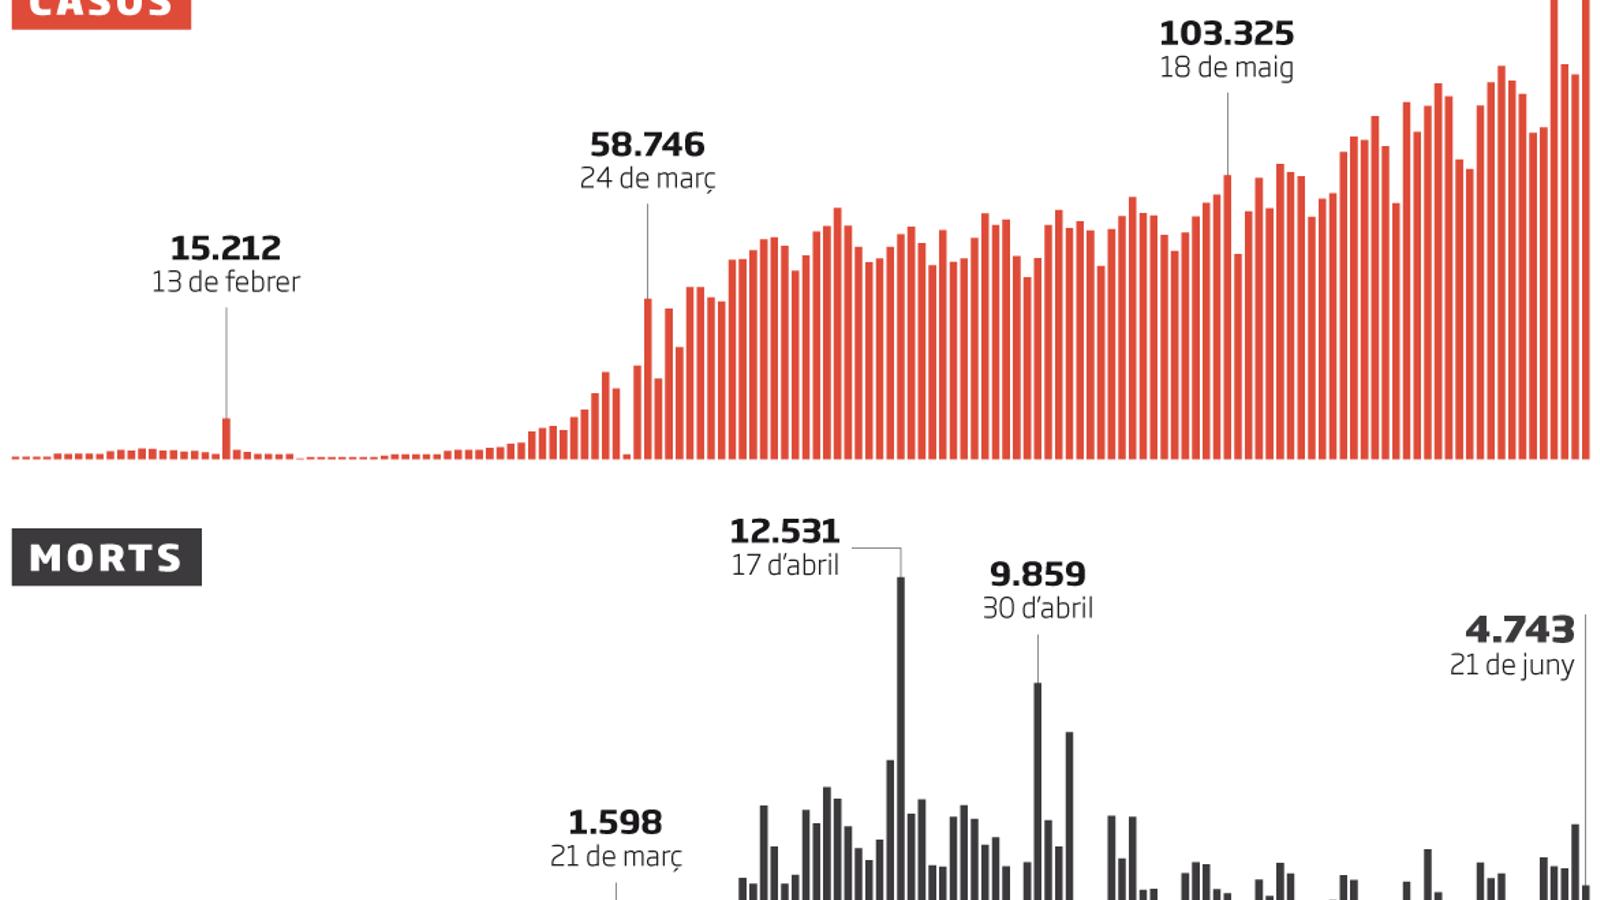 L'OMS insisteix que la pandèmia continua accelerant-se